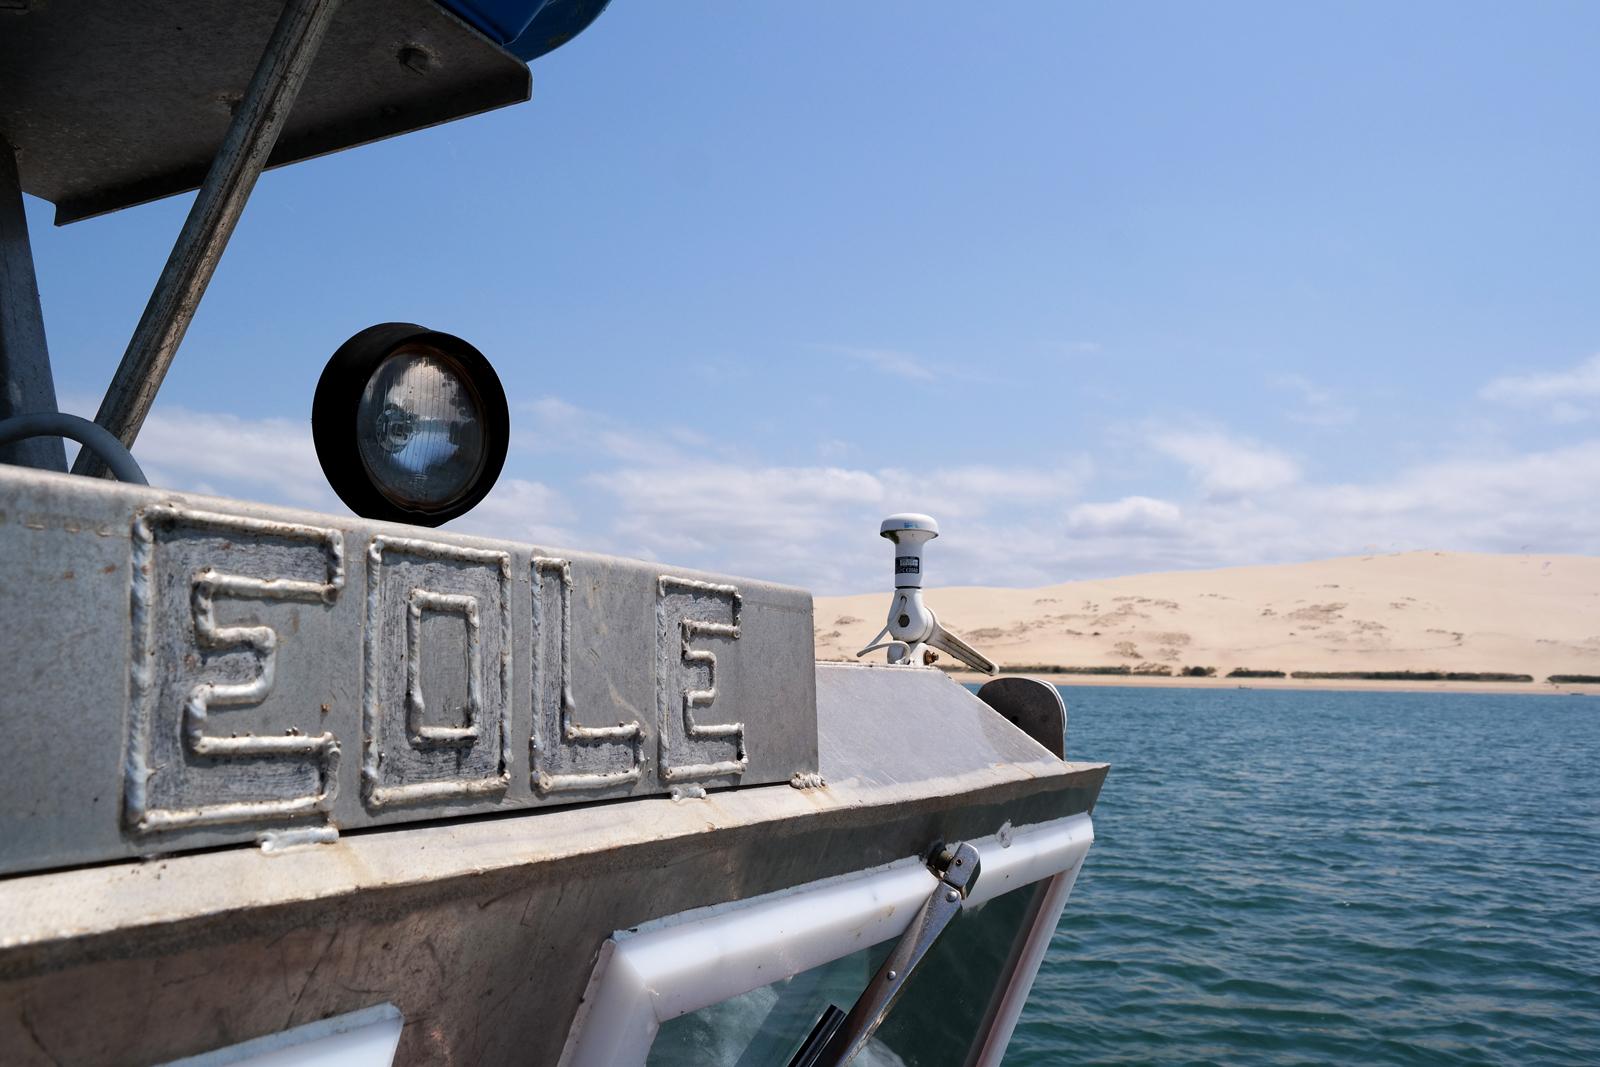 Bateau Eole Eric Dauges ostréiculteur Bassin d Arcachon vue sur la Dune du Pilat tourisme expérience sortie à la marée photo usofparis blog